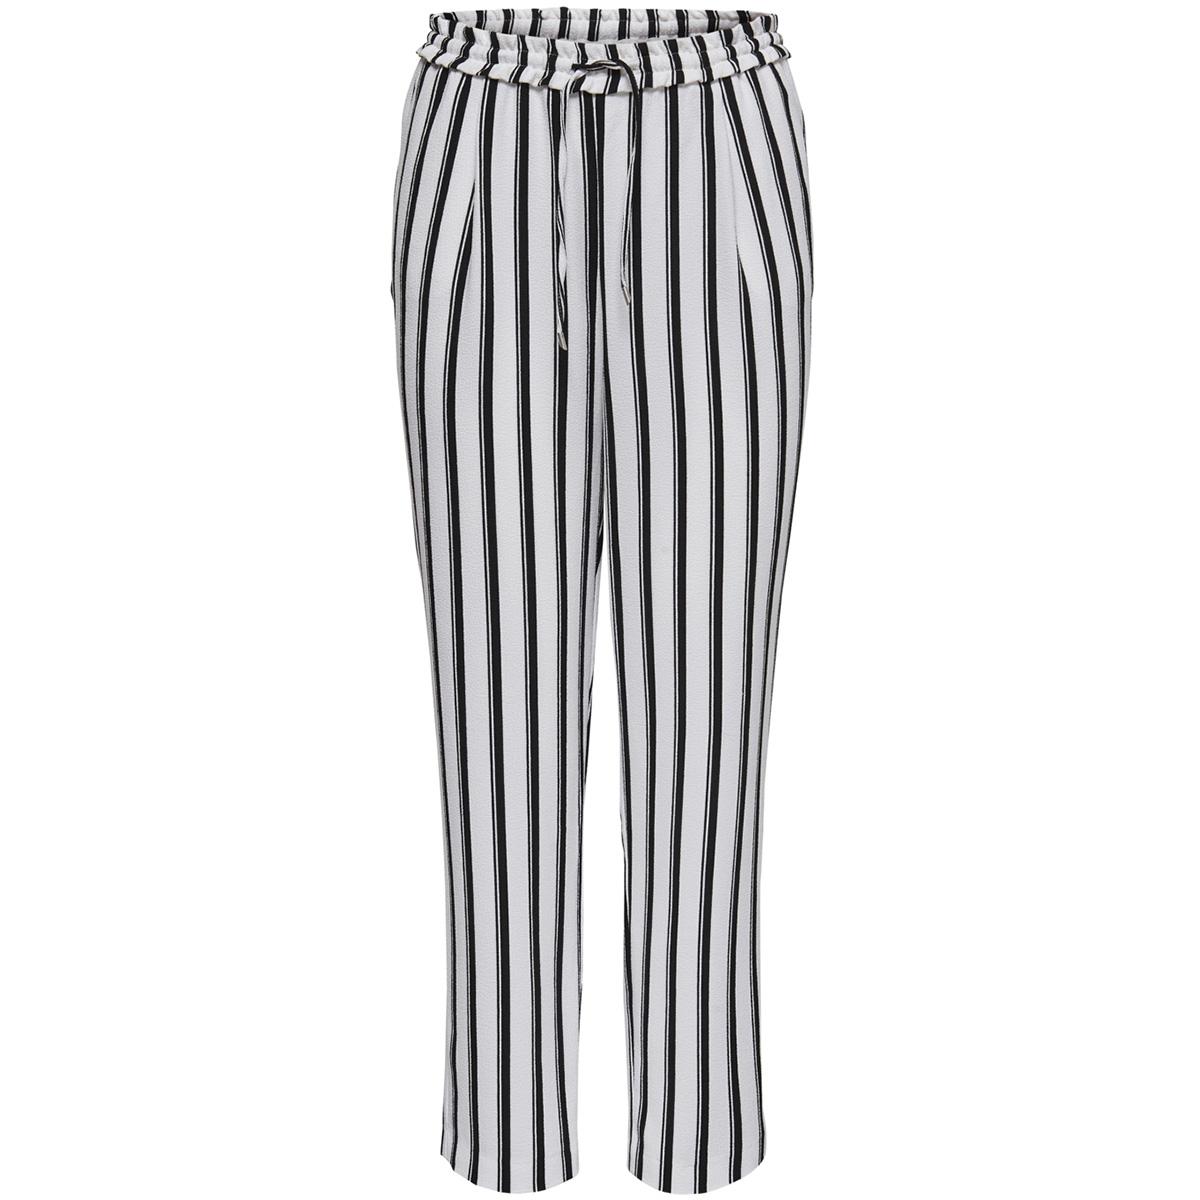 onlpiper mw pull-up pants tlr 15170033 only broek cloud dancer/black